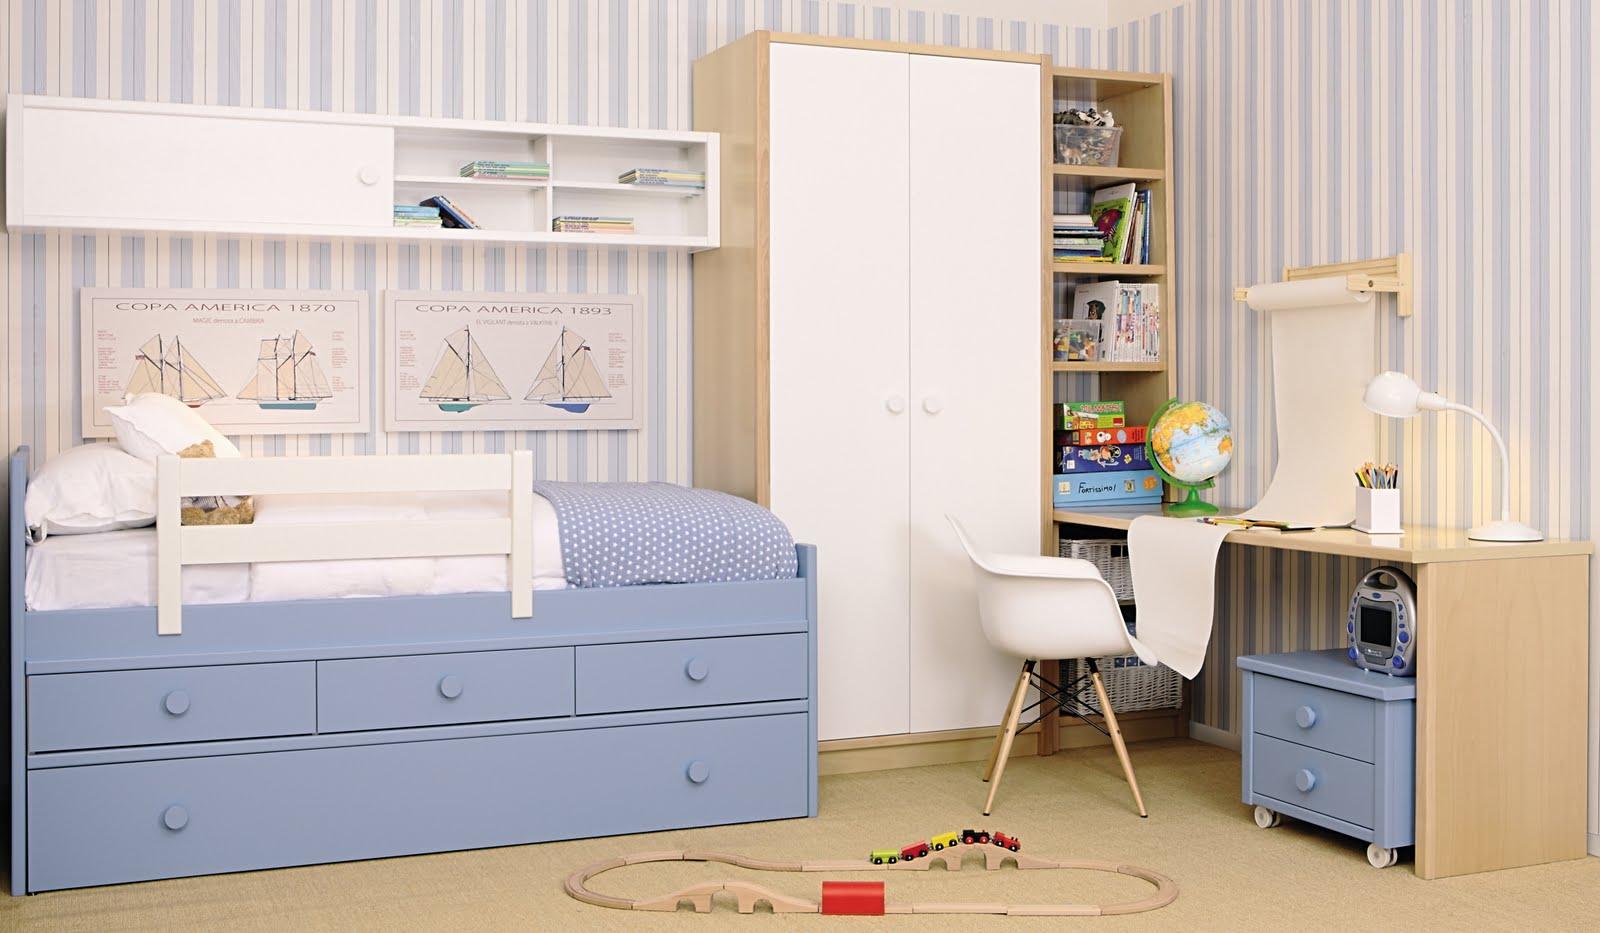 Dormitorios mediterraneo asoral - Armarios para habitaciones pequenas ...